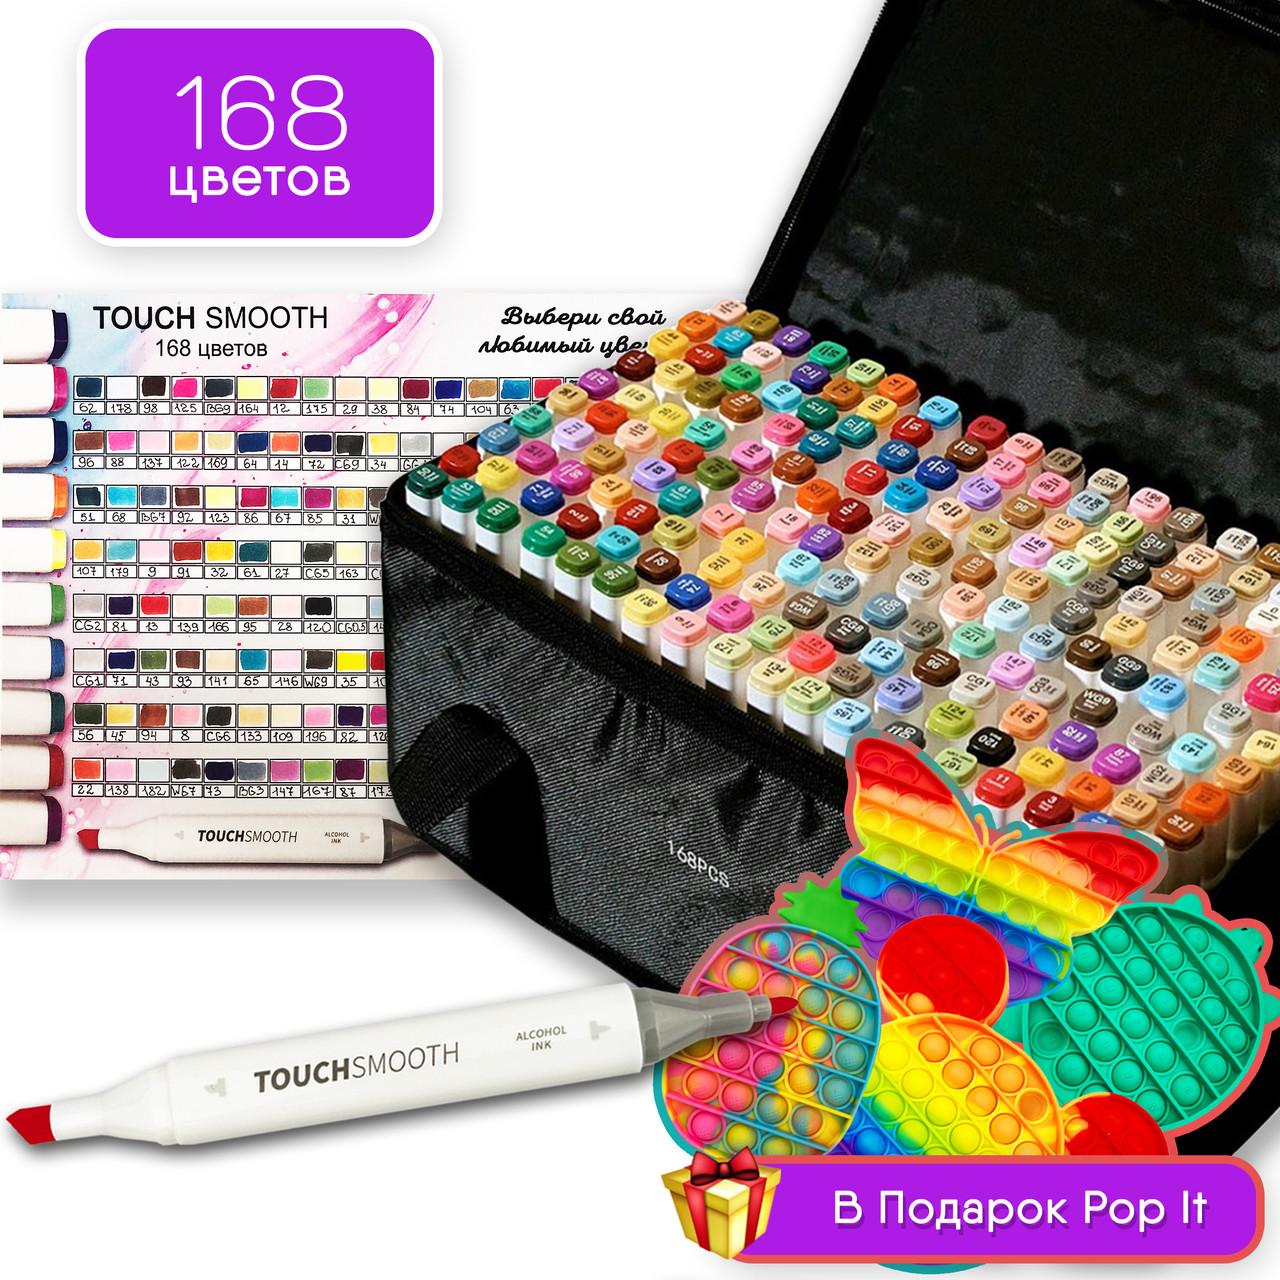 Набір двосторонніх маркерів Touch Smooth для малювання і скетчинга 168 шт + ПОП ІТ